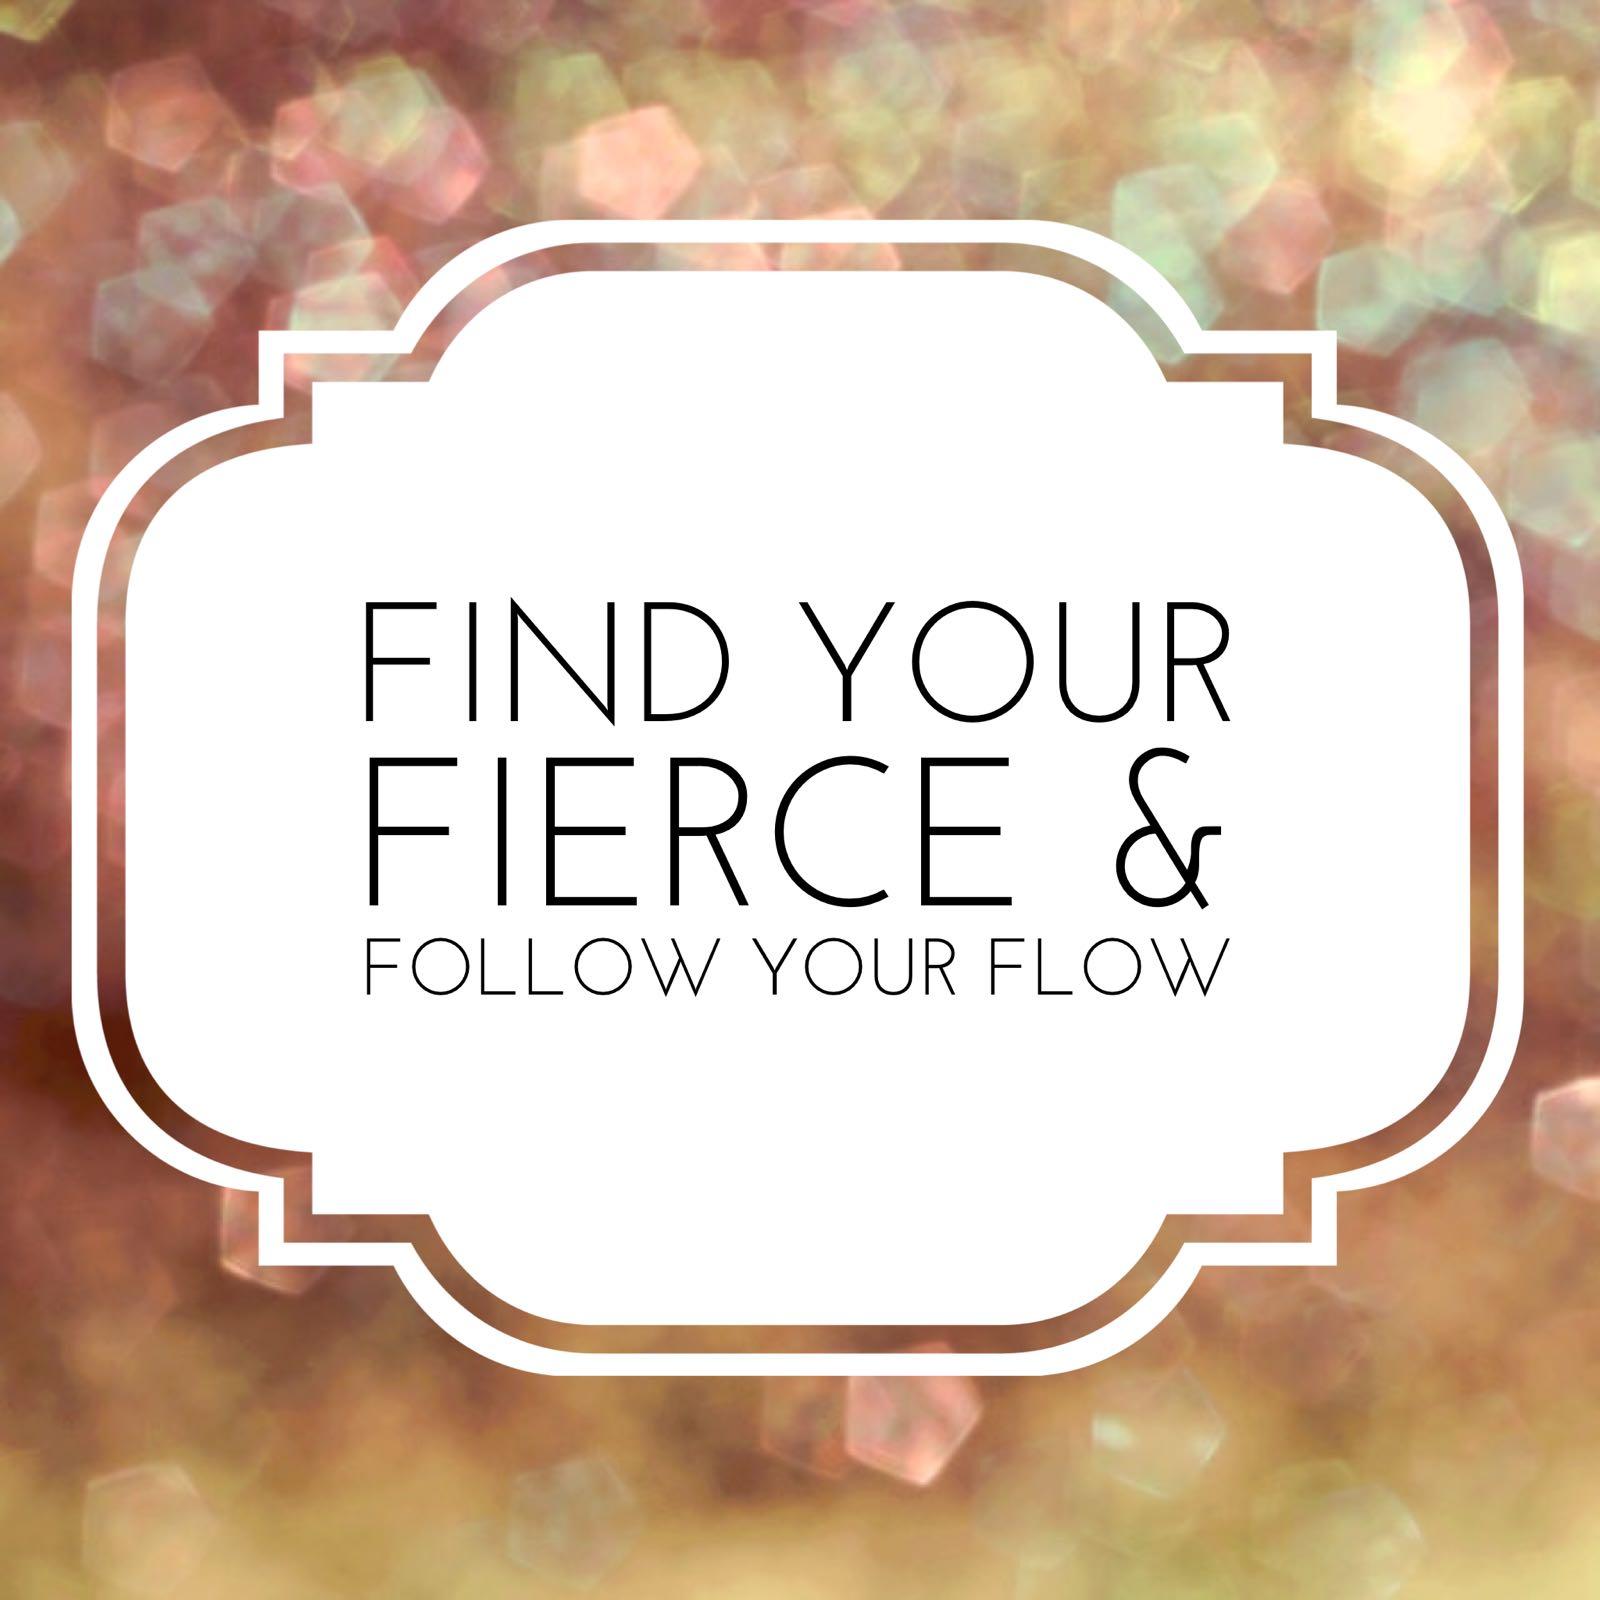 find your fierce.jpeg